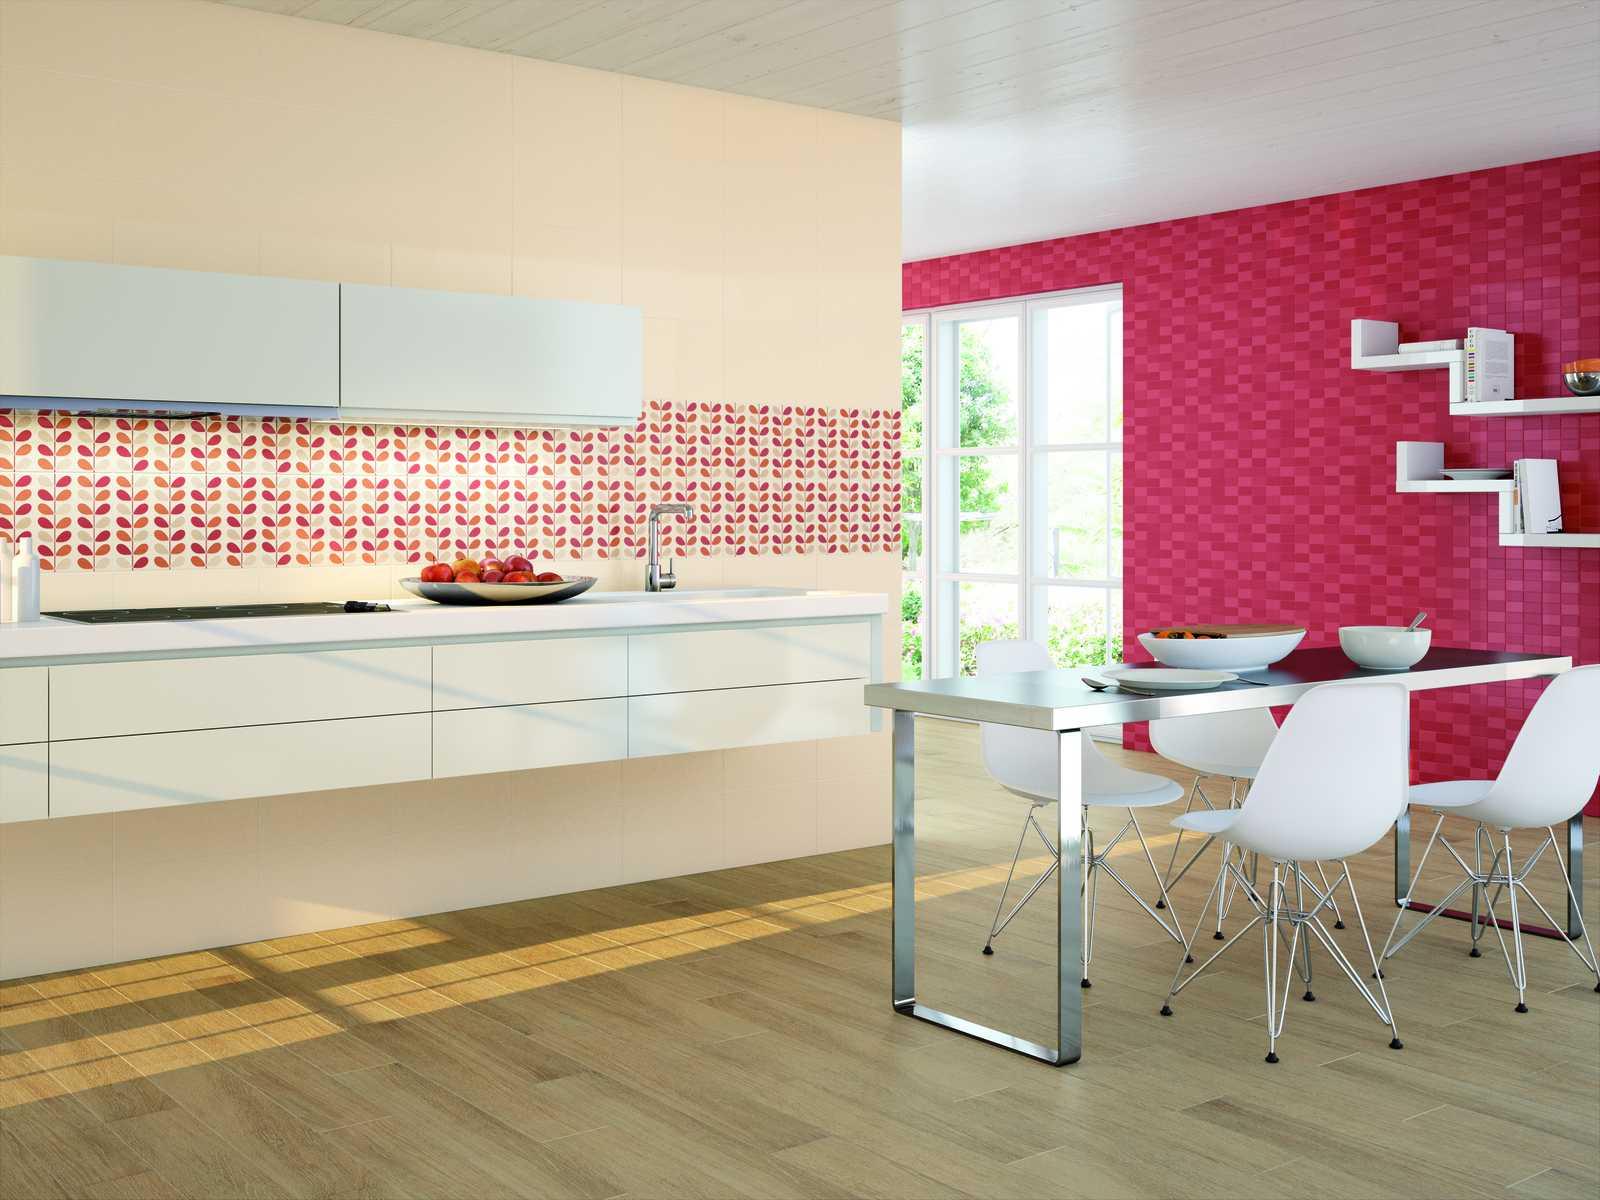 Piastrelle rosso guarda le collezioni marazzi for Piastrelle cucina marazzi